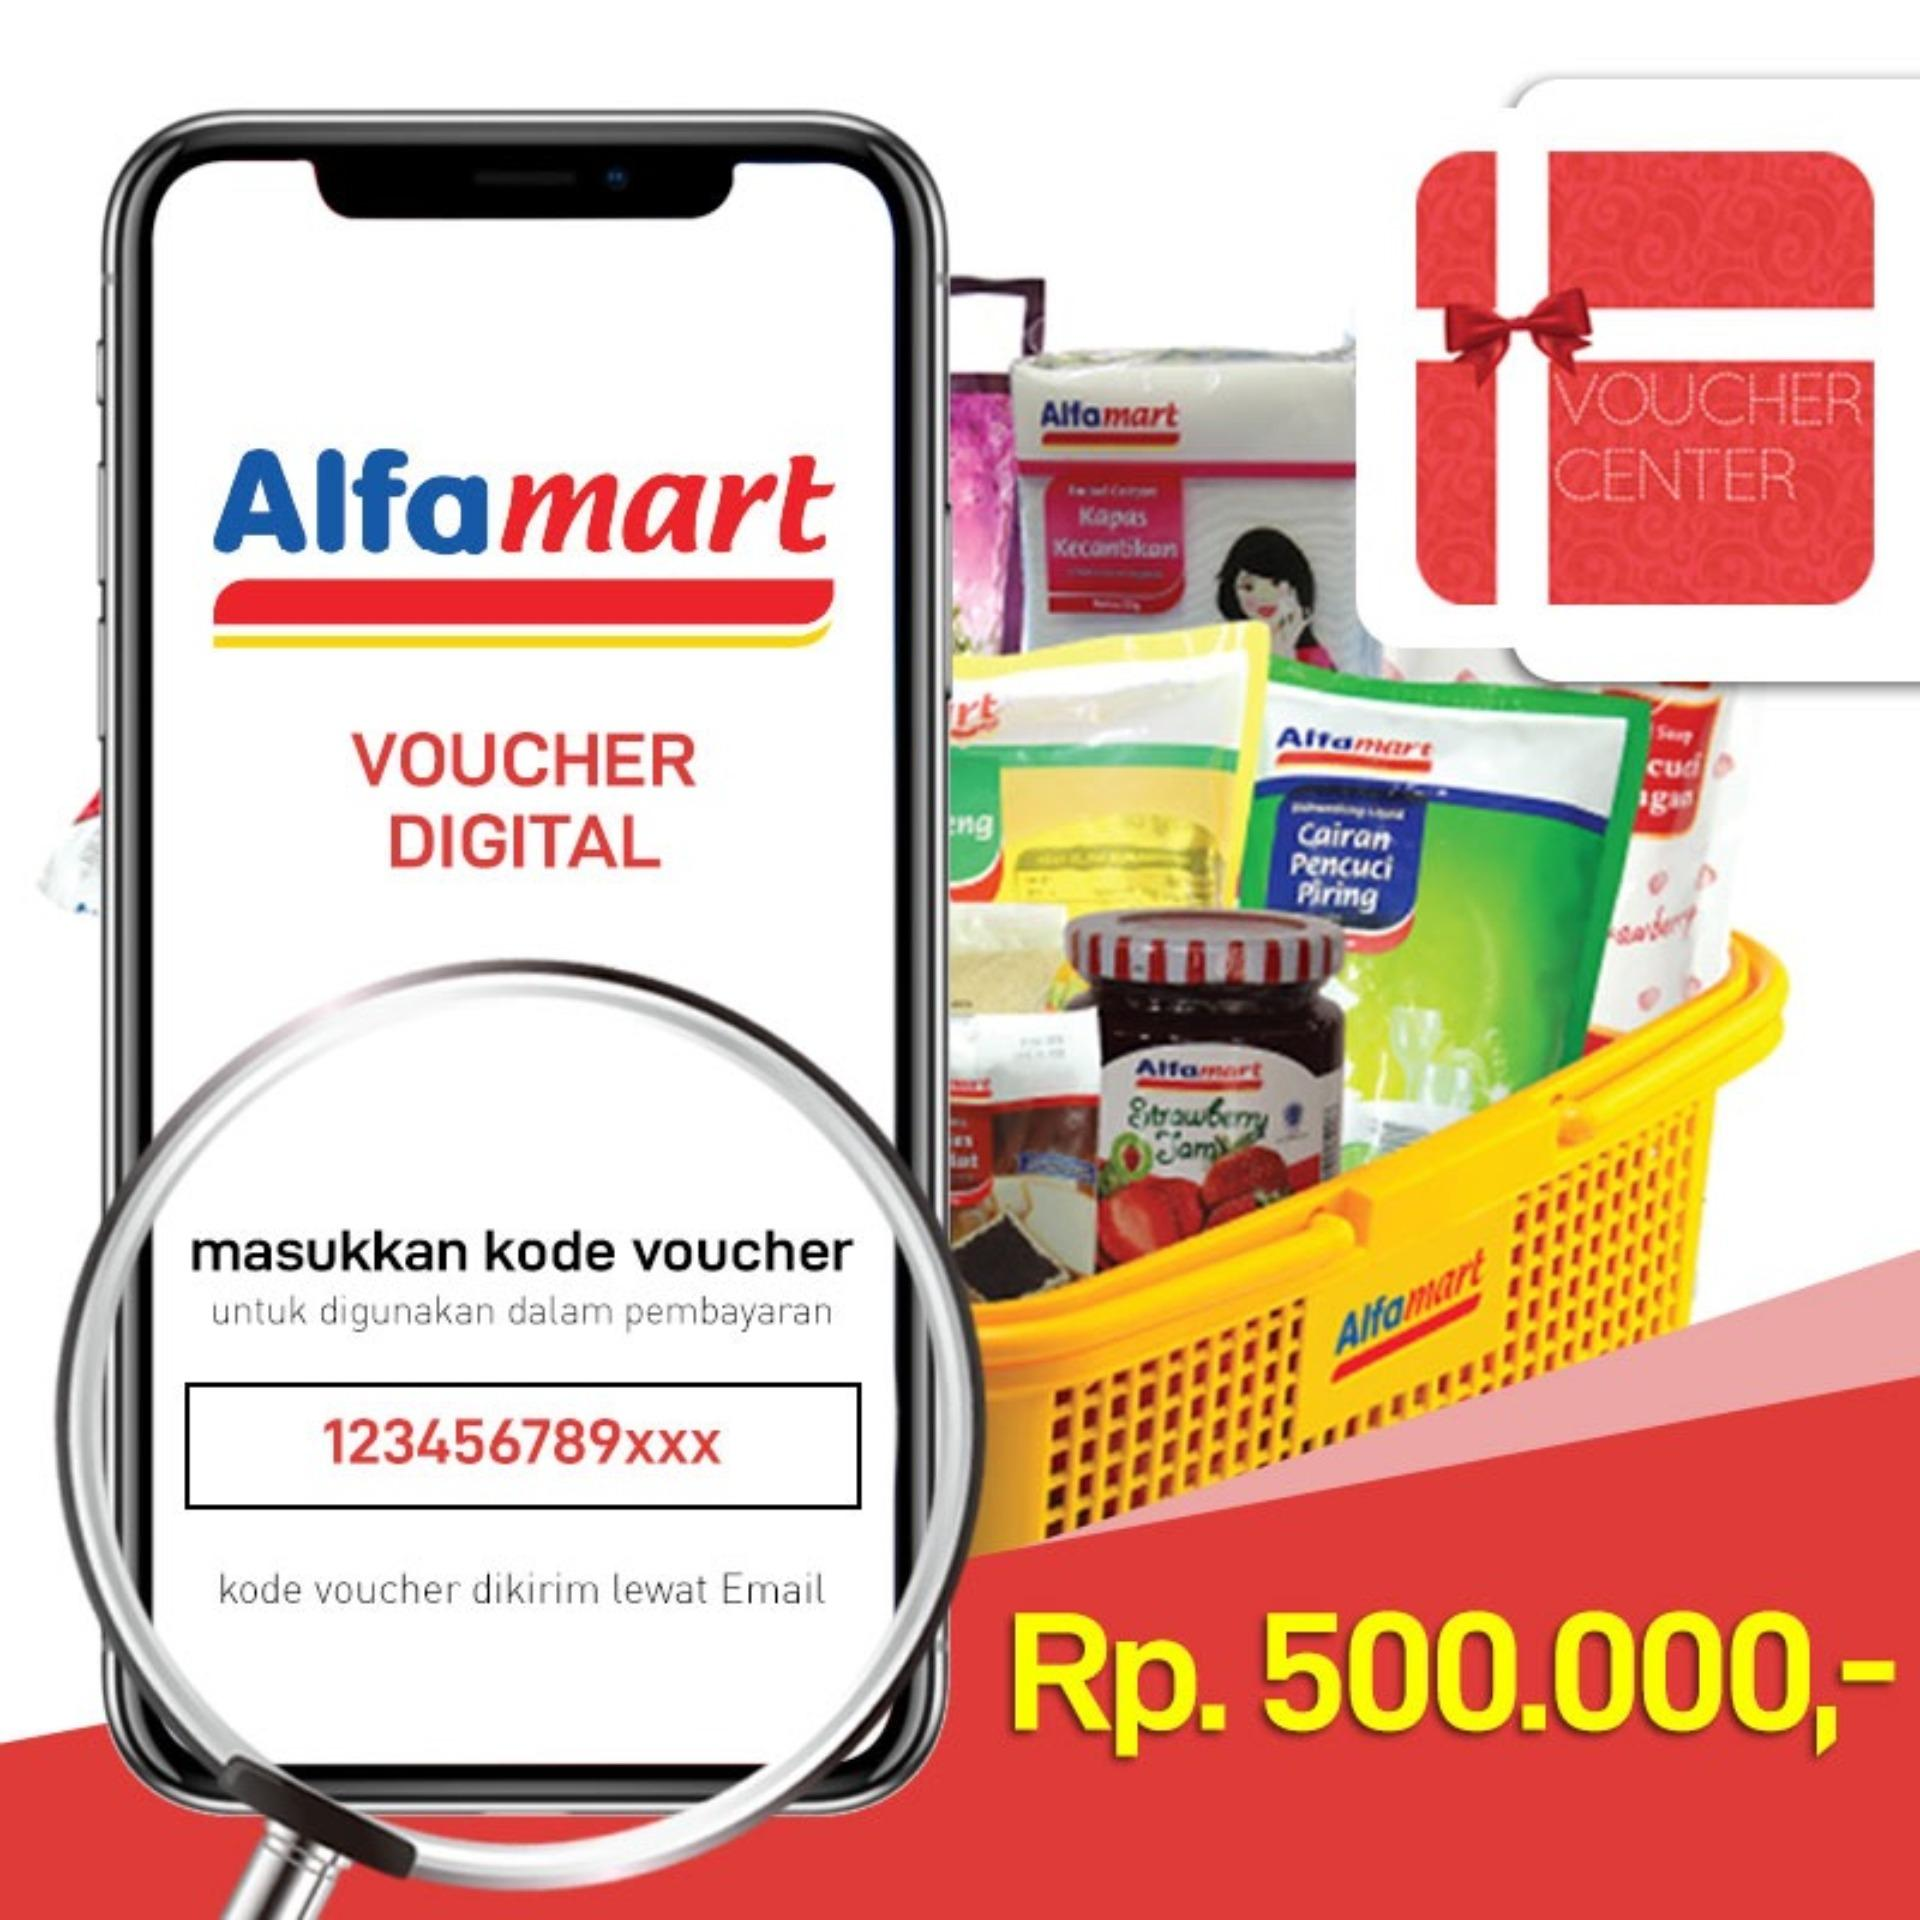 Alfamart Voucher Rp 5000000 Harga Terkini Dan Terlengkap Superindo Rp520000voucher 500000 Digital Code